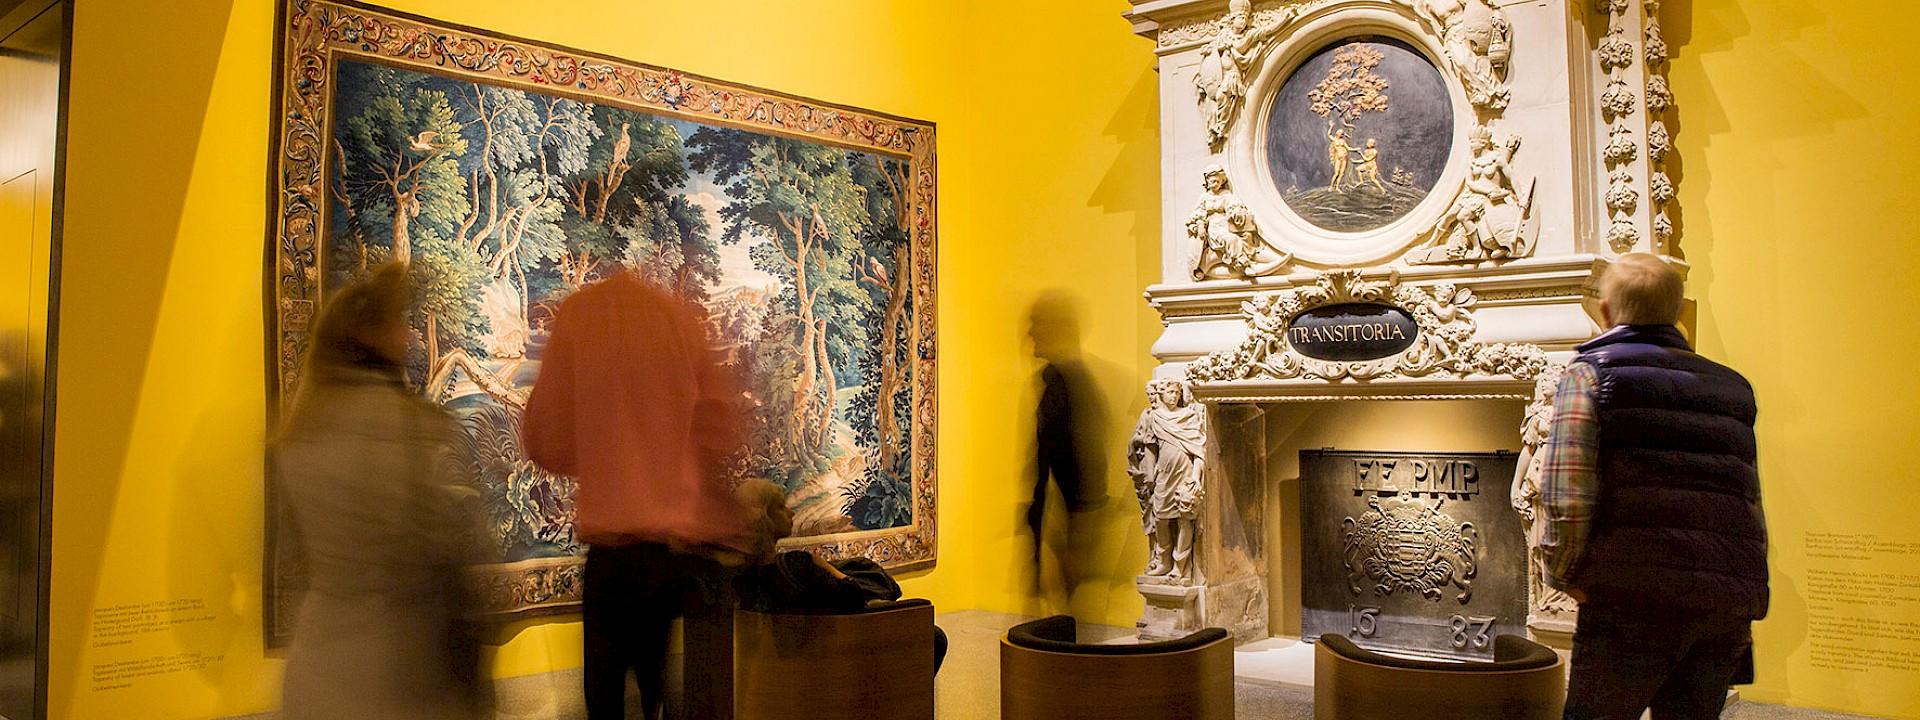 Das Münsterland öffnet wieder! Museen und Ausstellungen